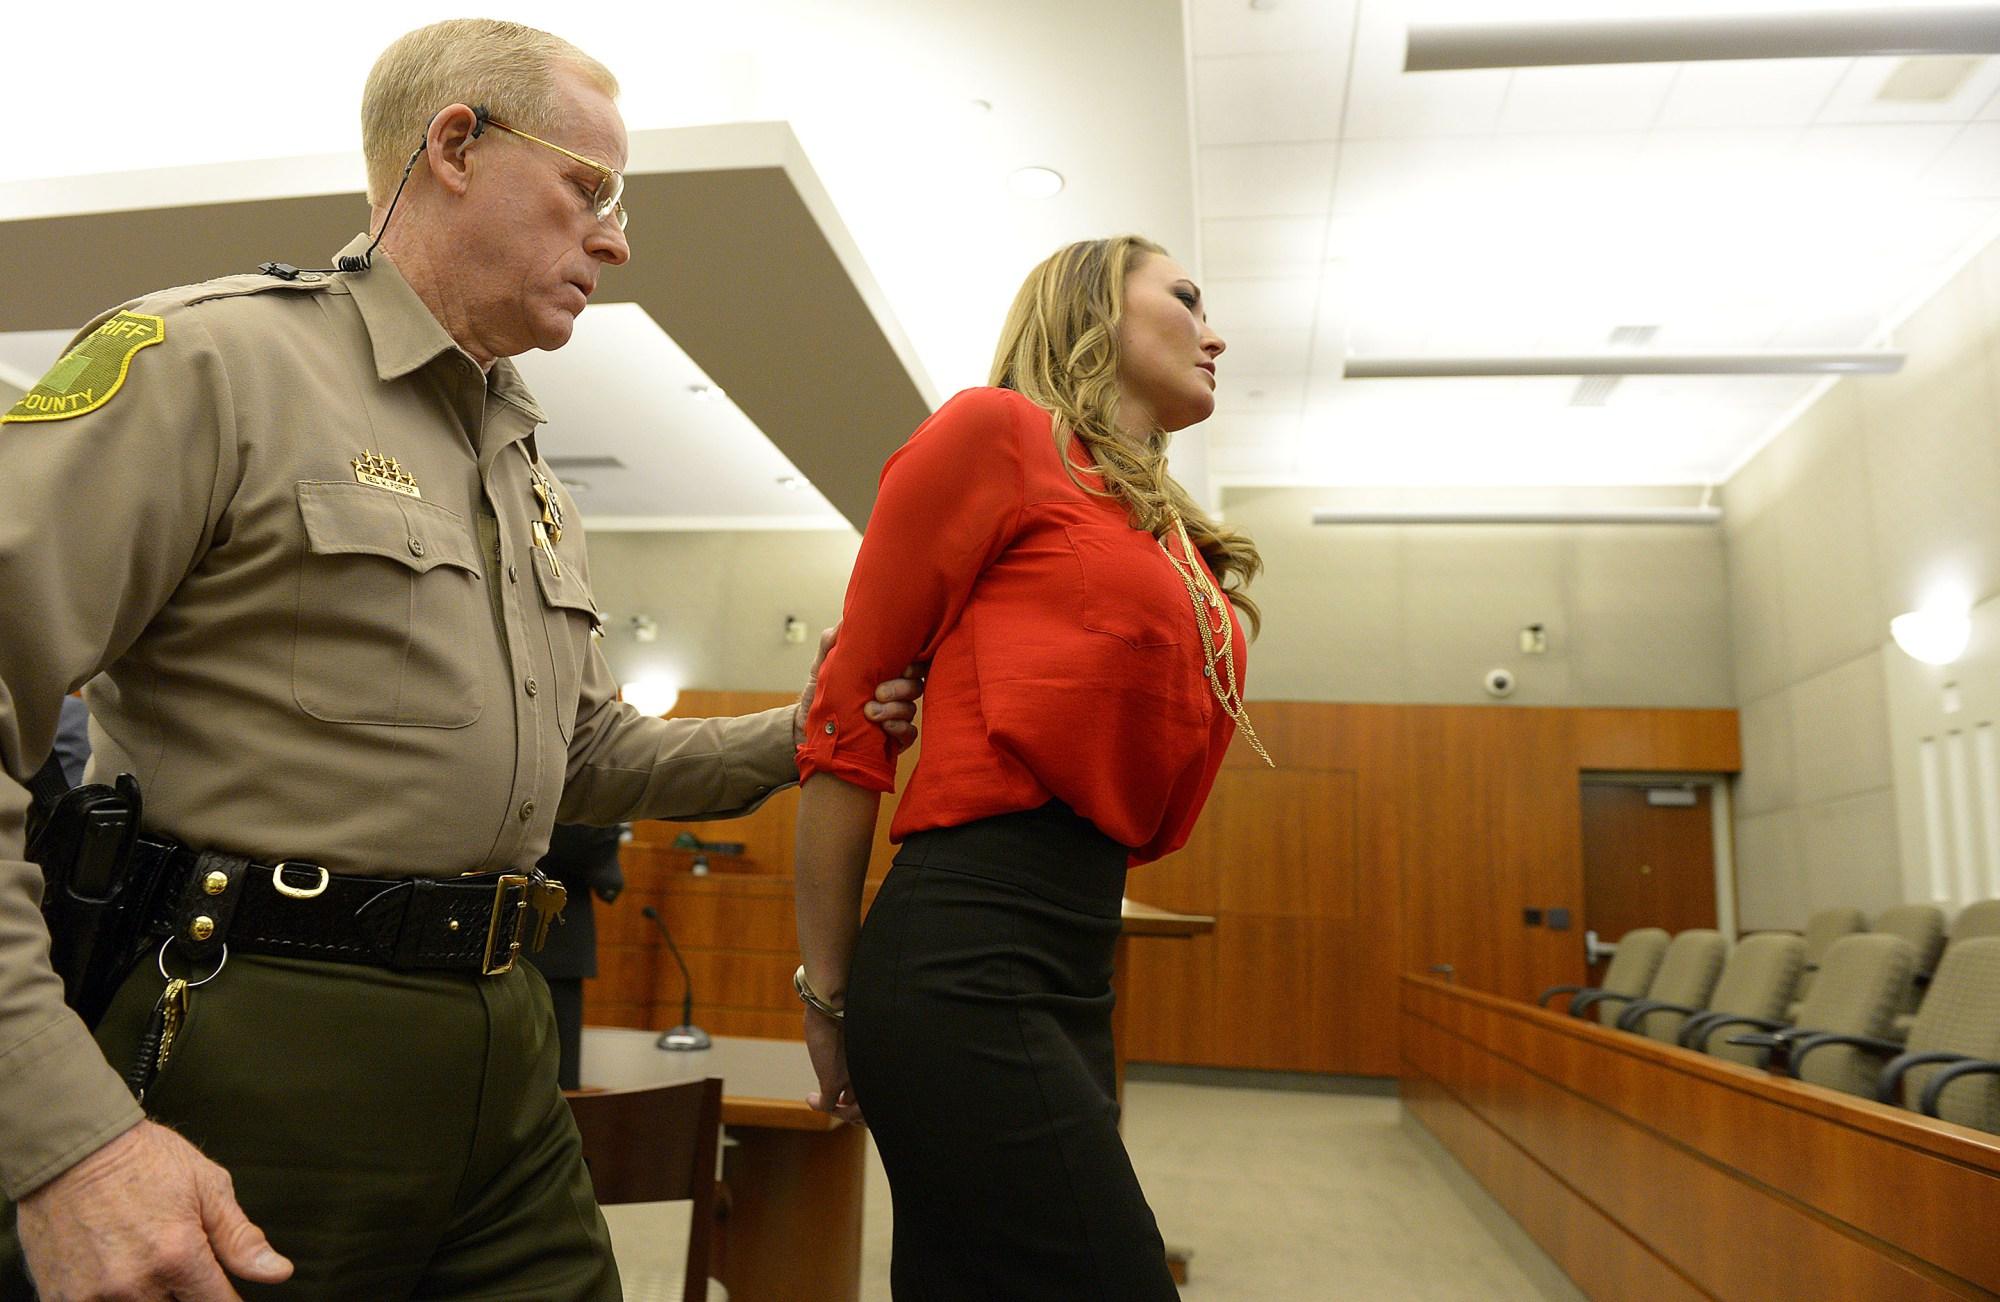 Смотреть трахну заключенную, Охранник трахает заключенную в тюрьме порно видео 23 фотография